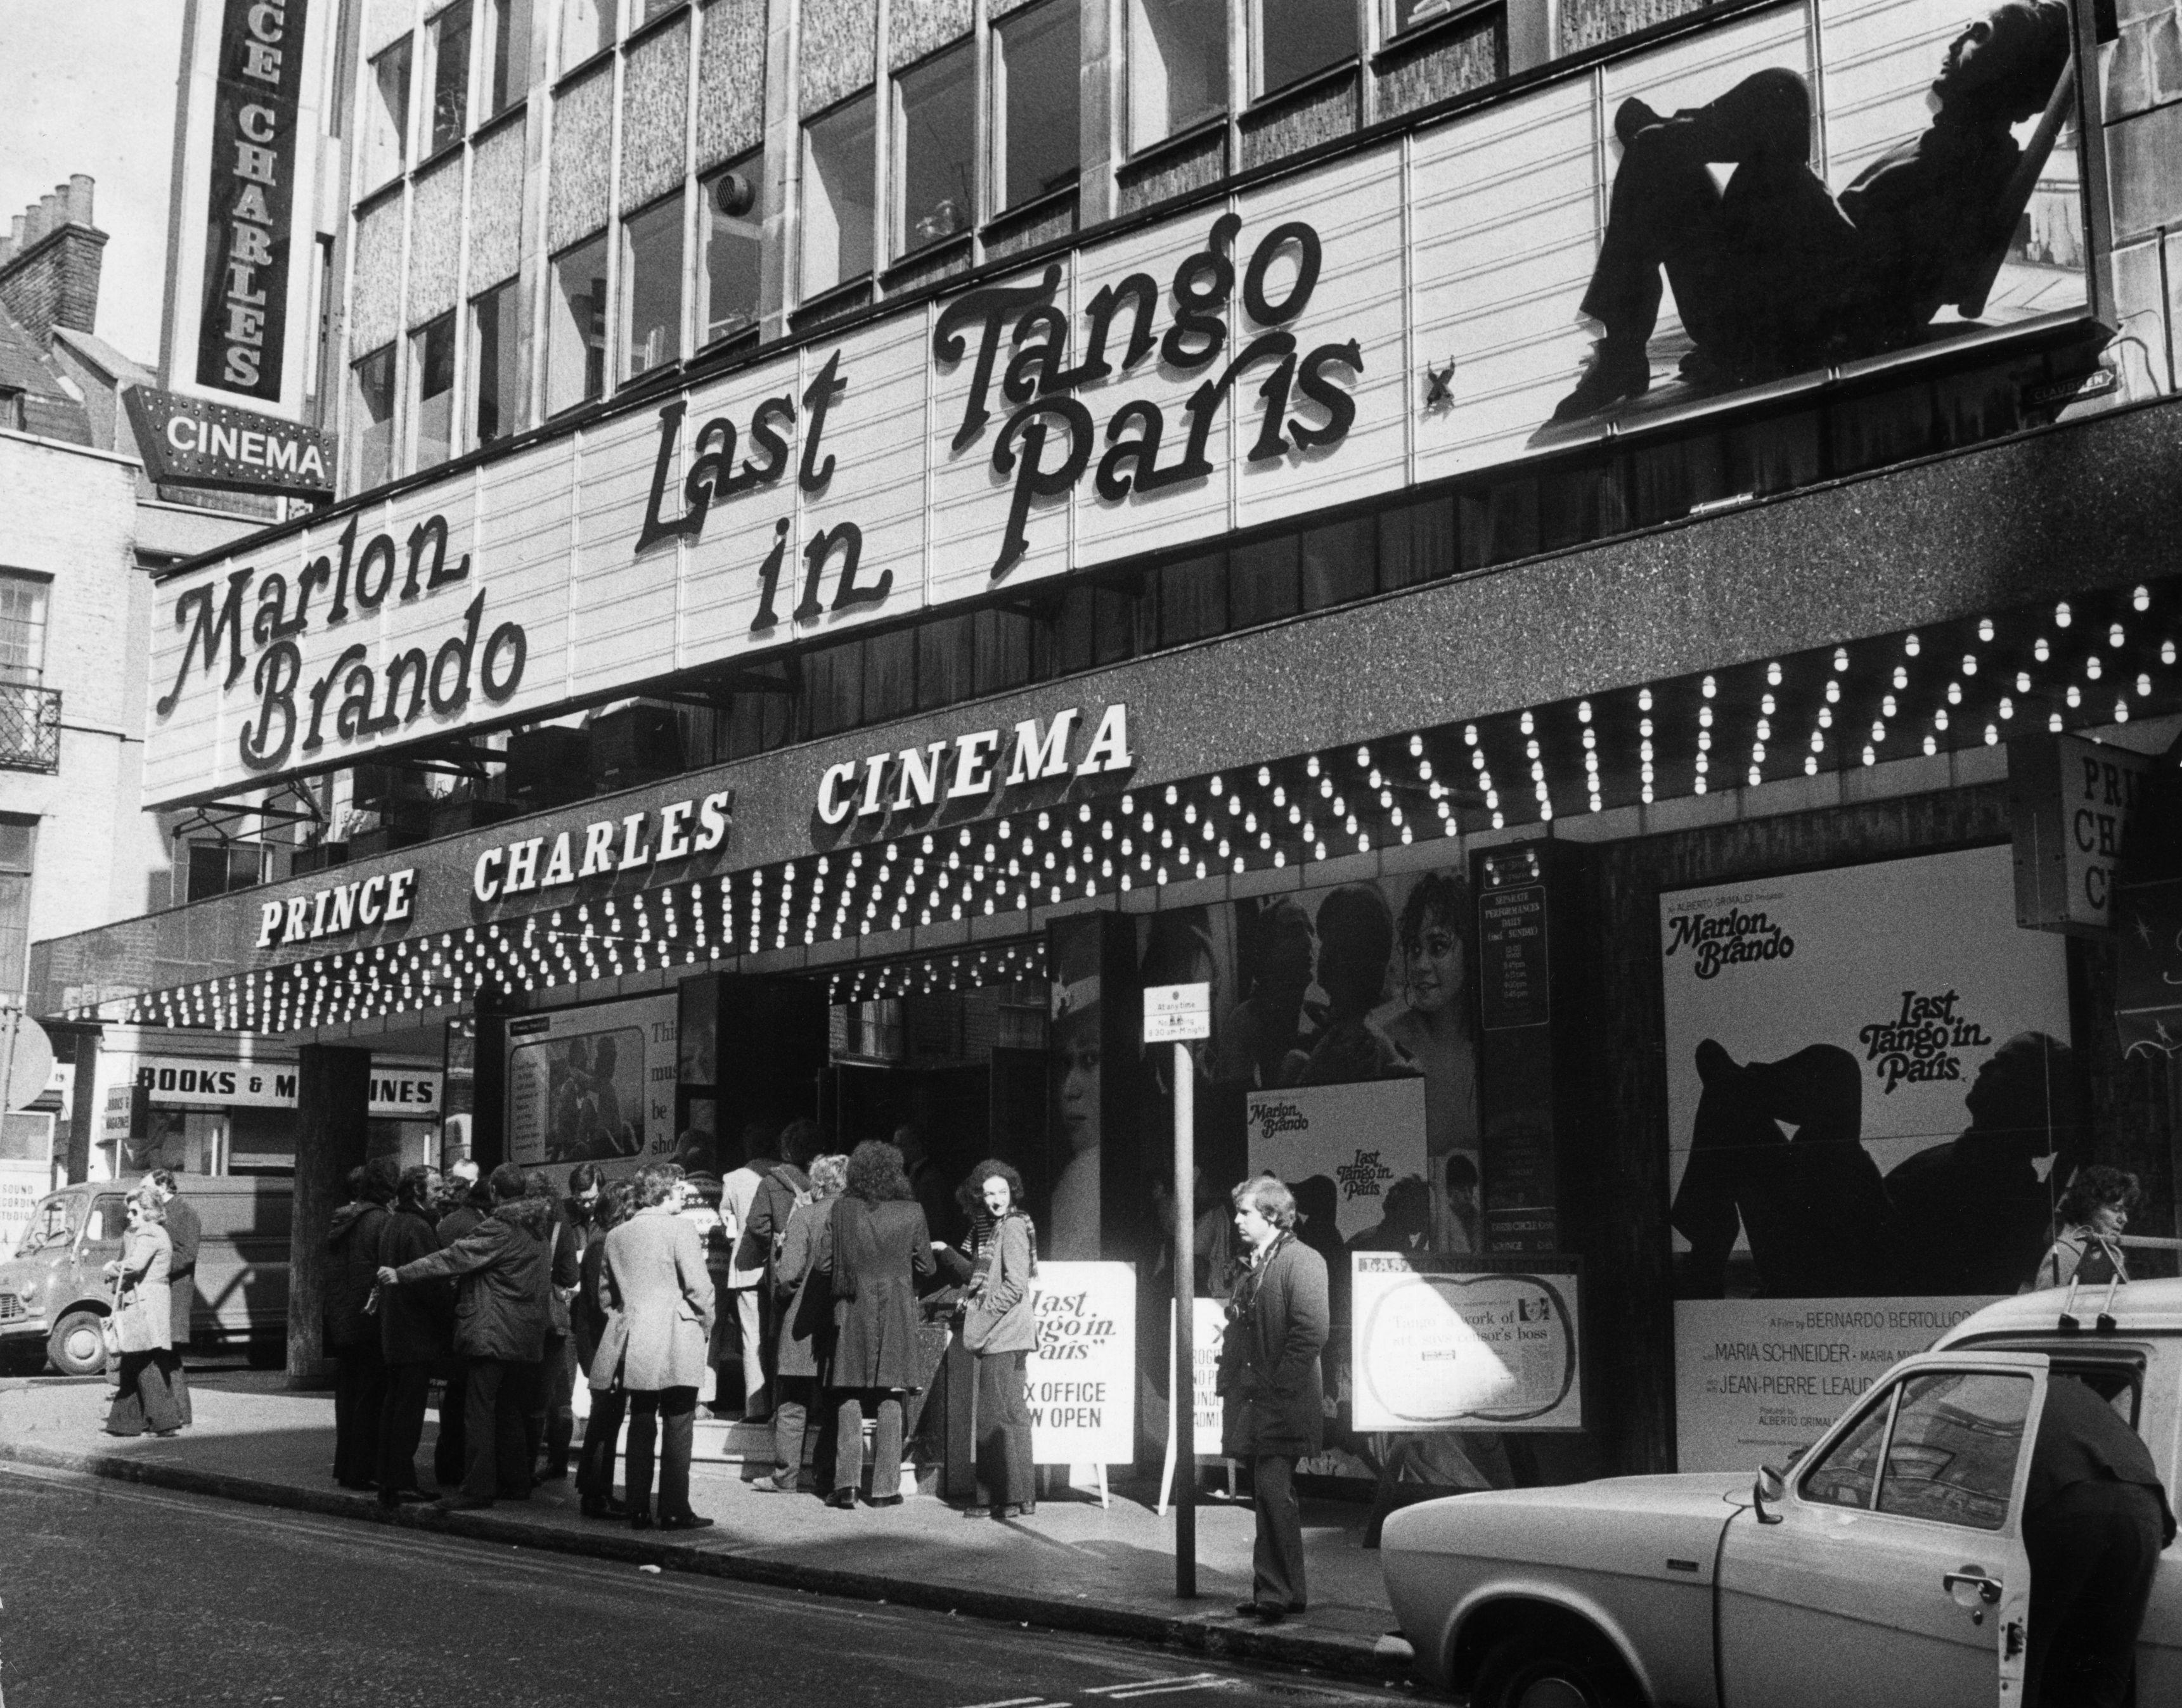 Преминавайки през цензура, филмът достига скандален касов успех, като това допринася да се възвърне блясъкът на поизбледнялата вече звезда на главния актьорМарлон Брандо. Бертолучи позволява на Брандо да импровизира в някои от сцените и да използва опита си от предишни роли.